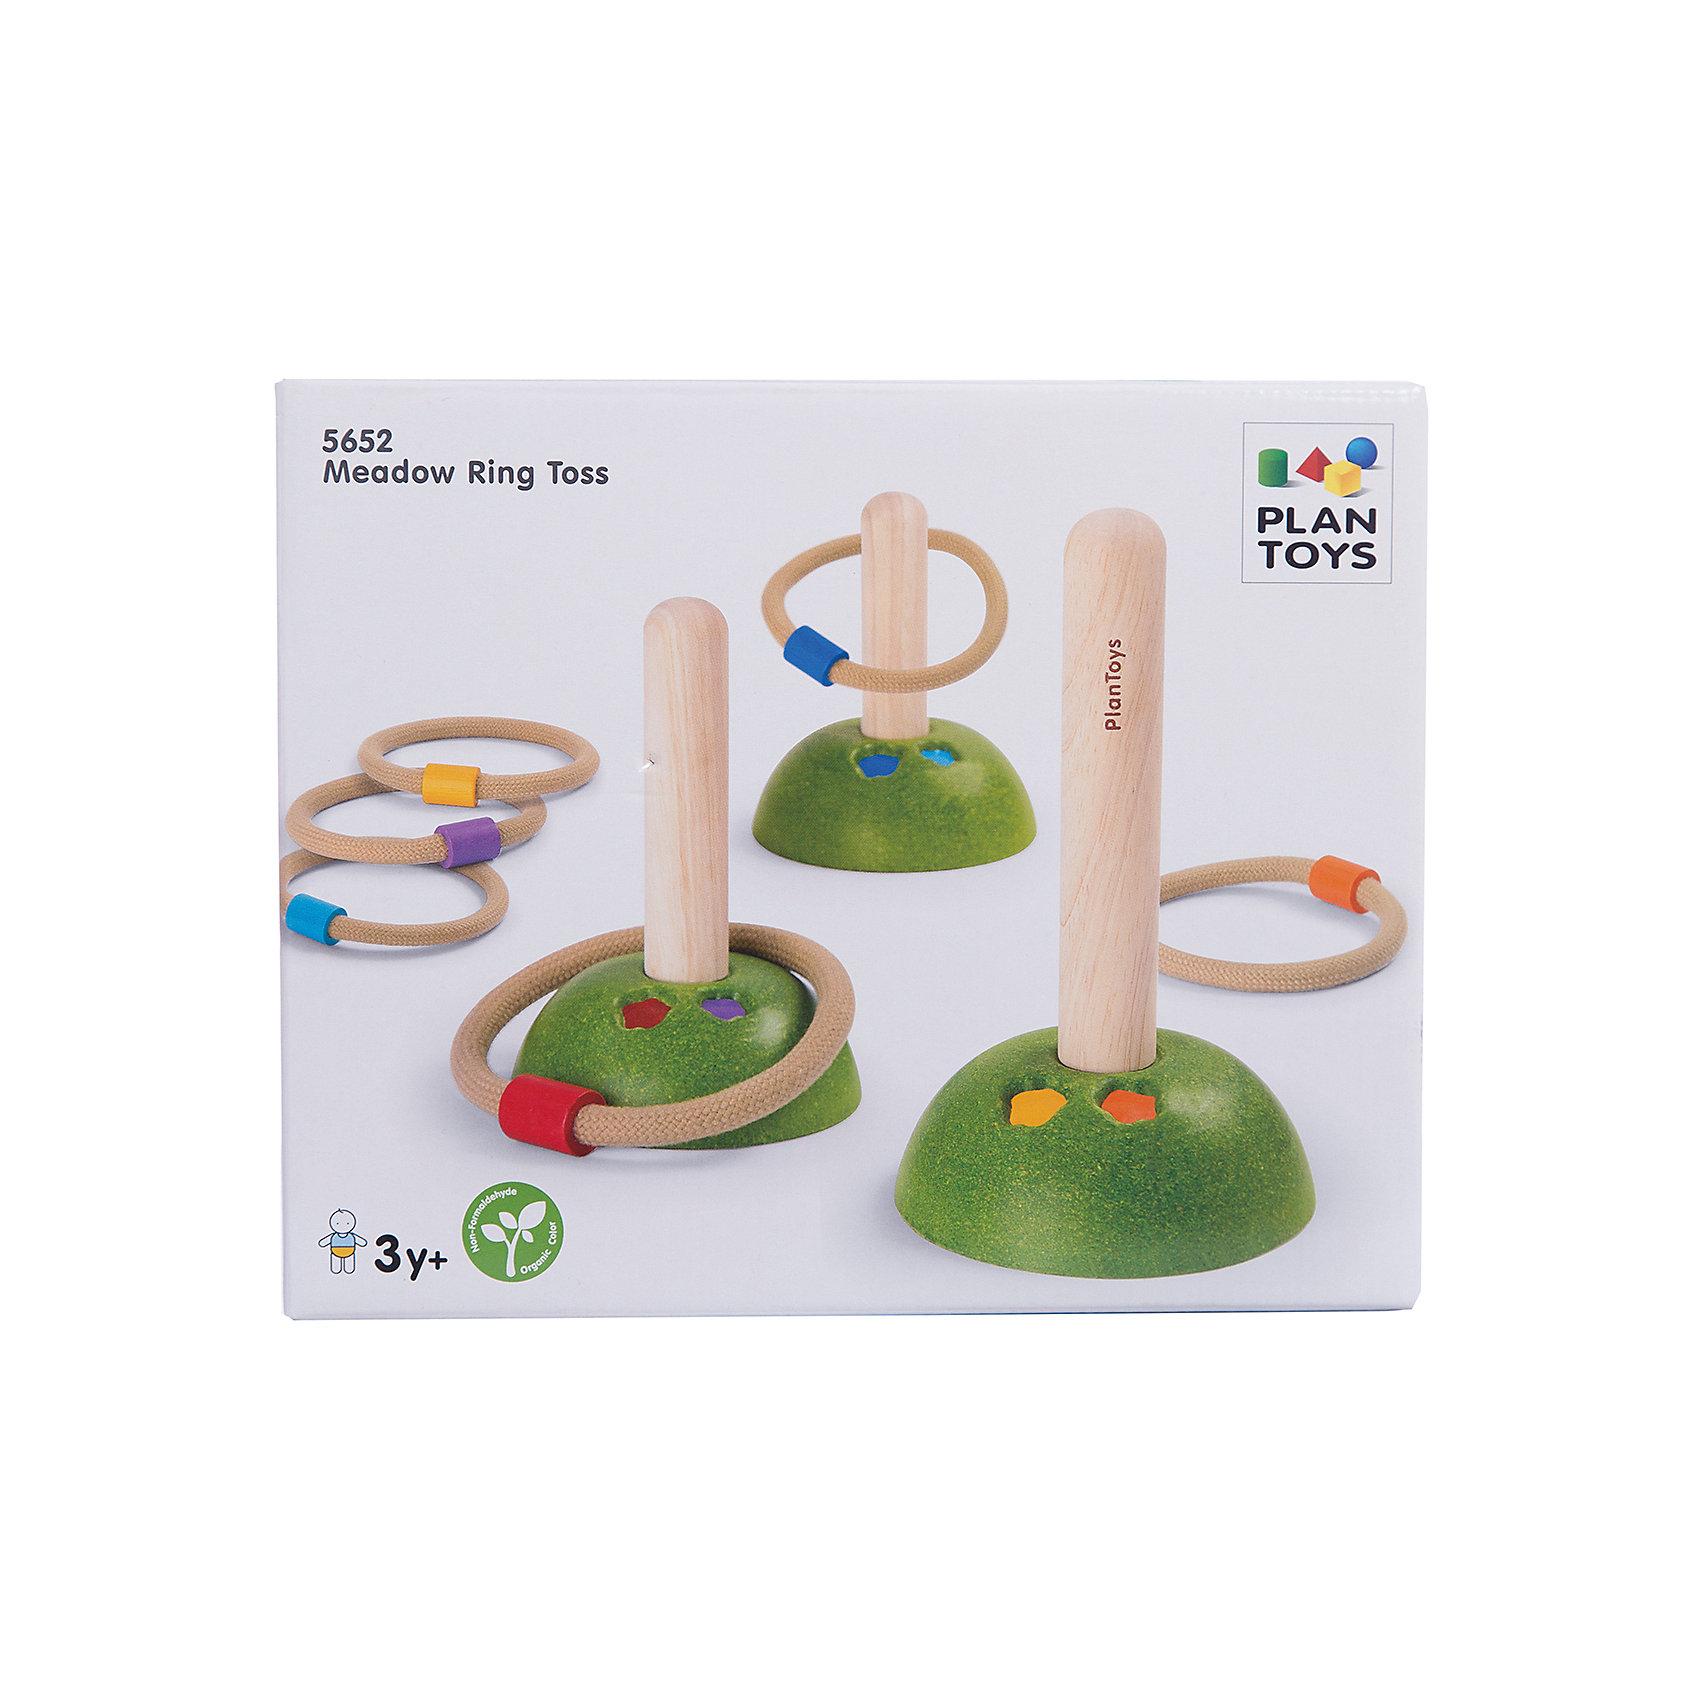 Игра Кольцо для кидания, Plan ToysДеревянные игры и пазлы<br>Игра Кольцо для кидания, развивает ловкость и быстроту реакции, этот интересный набор непременно привлечет внимание малыша. Набор выполнен в яркой цветовой гамме, состоит из 6 колец и 3 подставок. В эту игру можно играть самостоятельно, или поделится на команды, игроки которых будут поочередно бросать на подставки обручи. Игра позволит весело провести время на улице вместе с друзьями.<br><br>Дополнительная информация:<br><br>-Размер игры: 11х18 см<br>-Материал: дерево<br><br>Игру Кольцо для кидания, Plan Toys можно купить в нашем интернет-магазине.<br><br>Ширина мм: 11<br>Глубина мм: 11<br>Высота мм: 18<br>Вес г: 400<br>Возраст от месяцев: 36<br>Возраст до месяцев: 1188<br>Пол: Унисекс<br>Возраст: Детский<br>SKU: 4862355